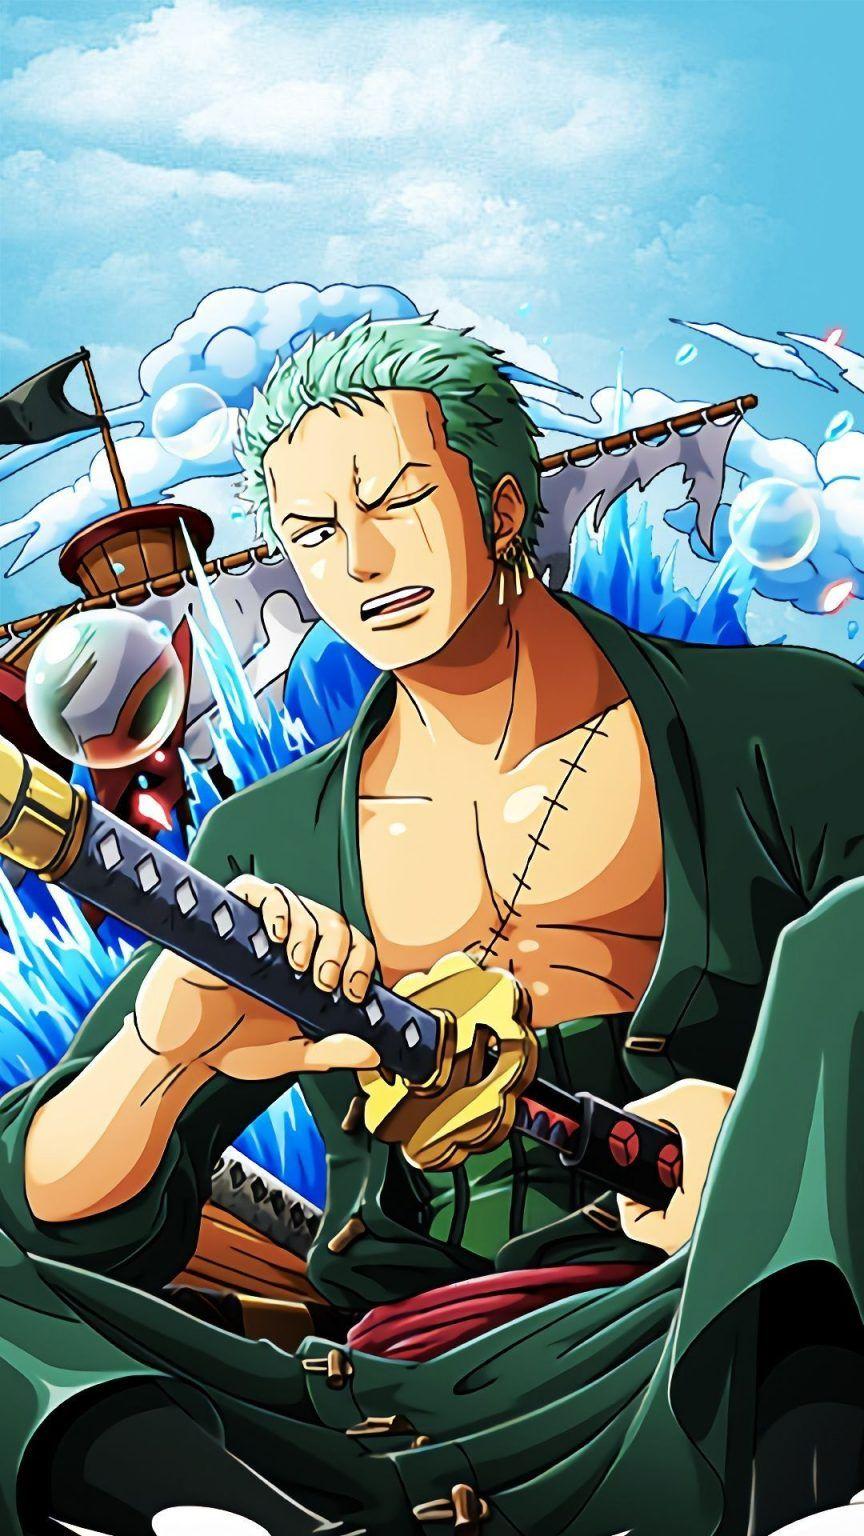 Fond D Ecran One Piece Hd Et 4k A Telecharger Gratuit En 2020 Fond D Ecran Dessin Anime One Piece Fond Ecran